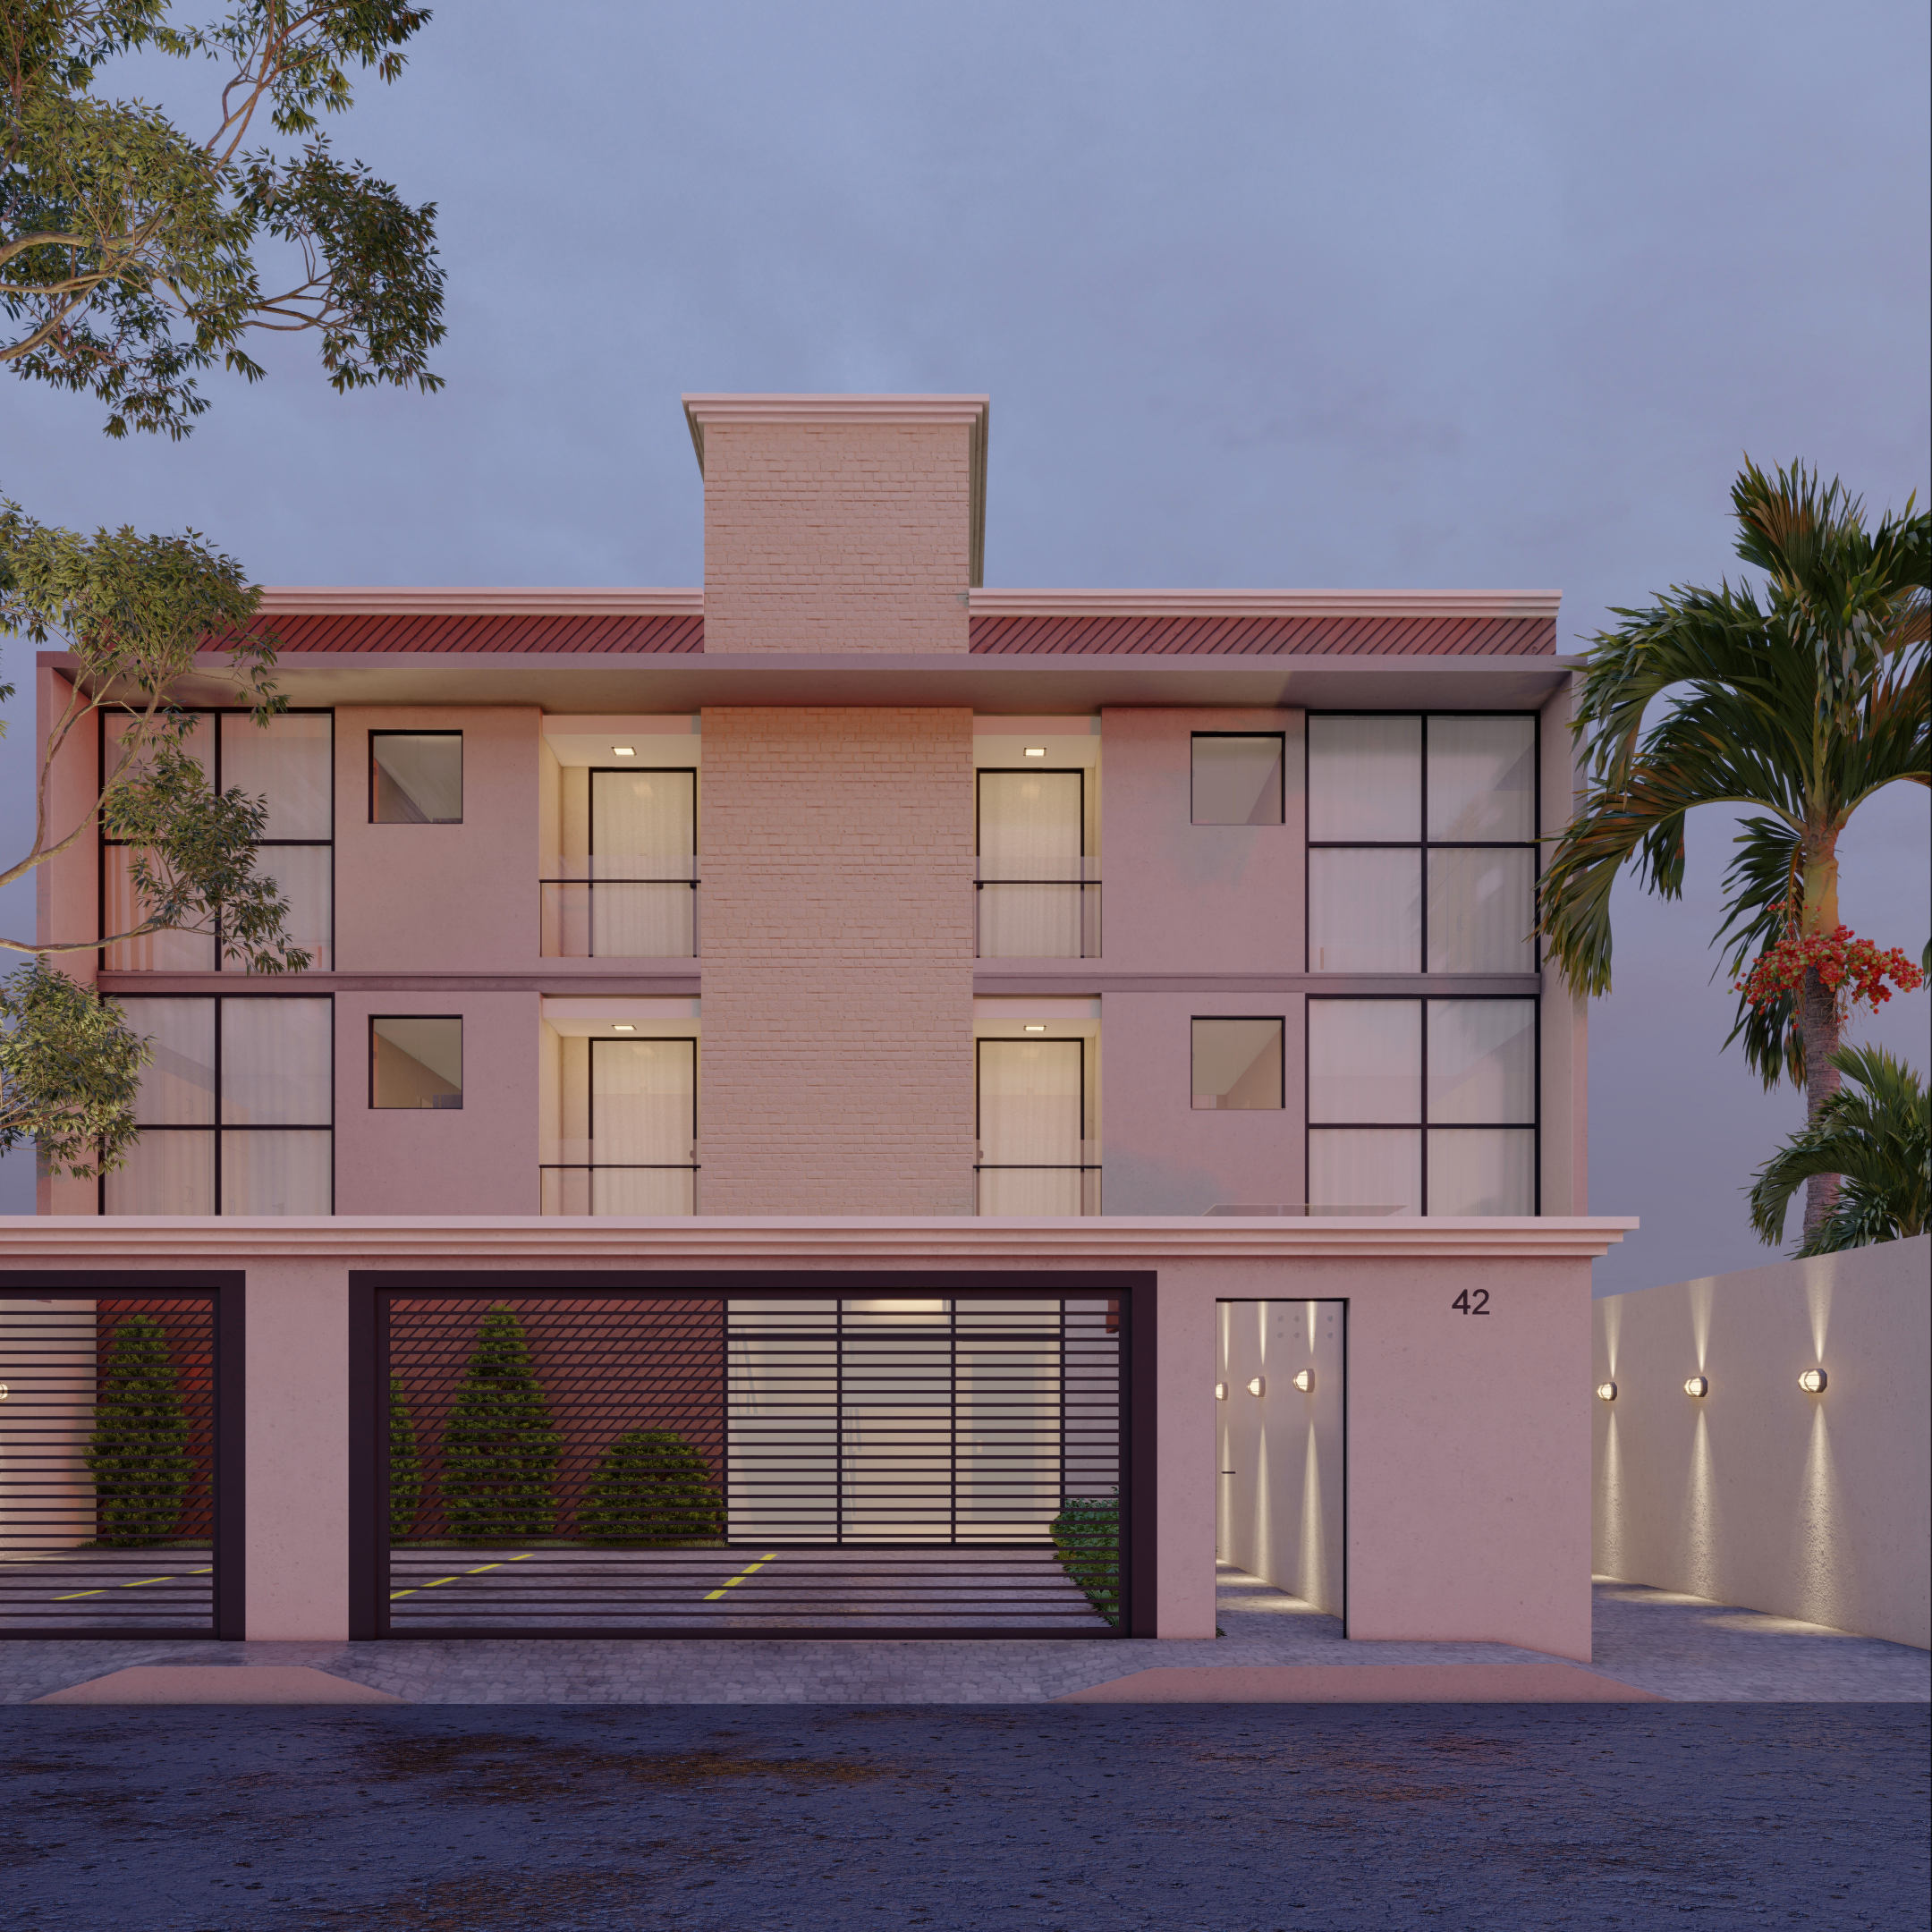 Análise de viabilidade de empreendimento com 16 unidades habitacionais.